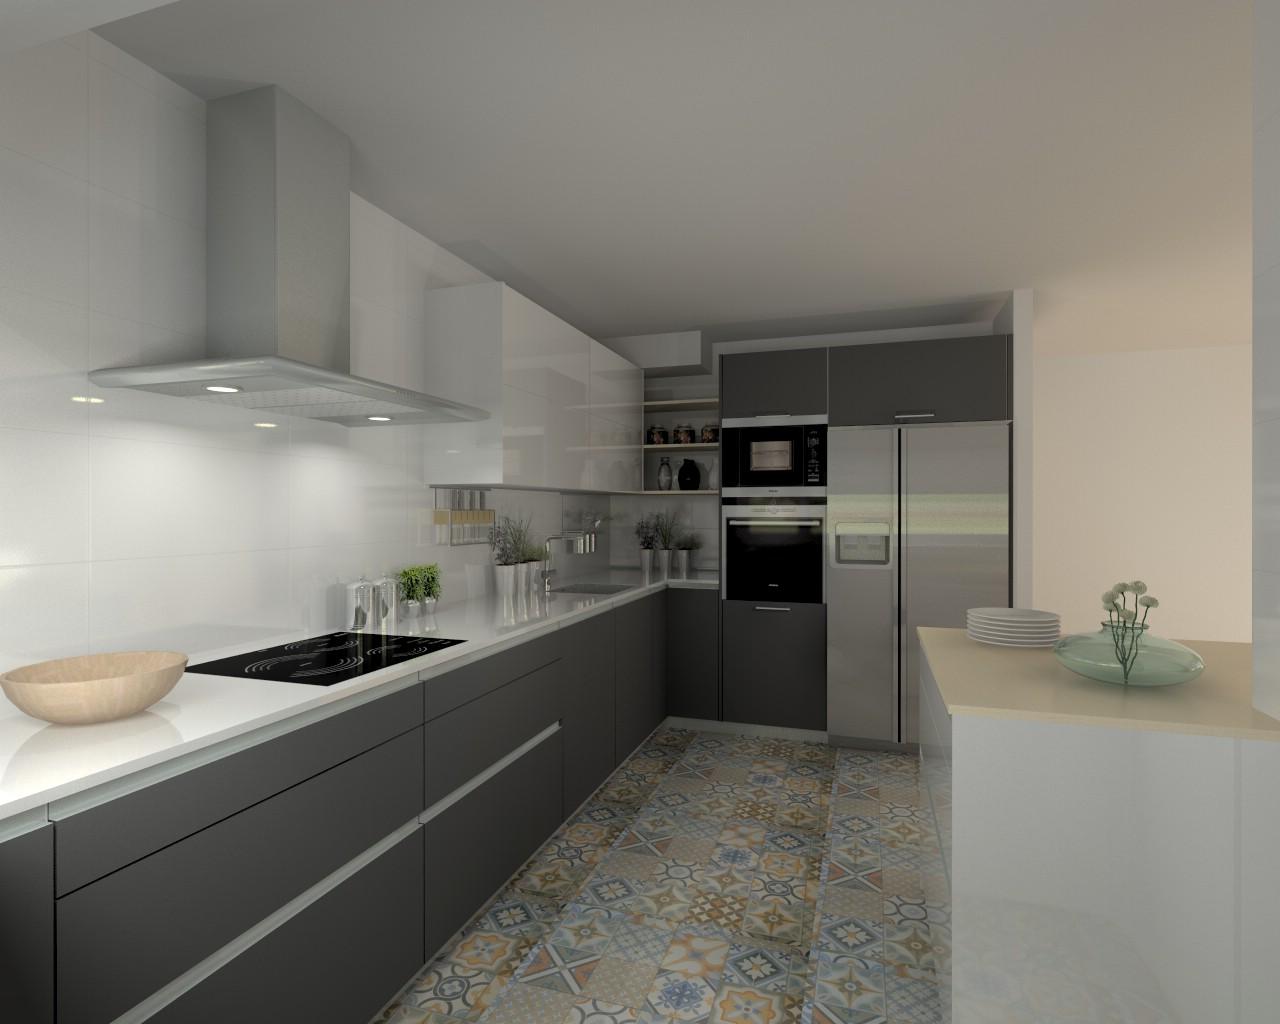 Proyectos de cocinas docrys cocinas for Encimera silestone blanco